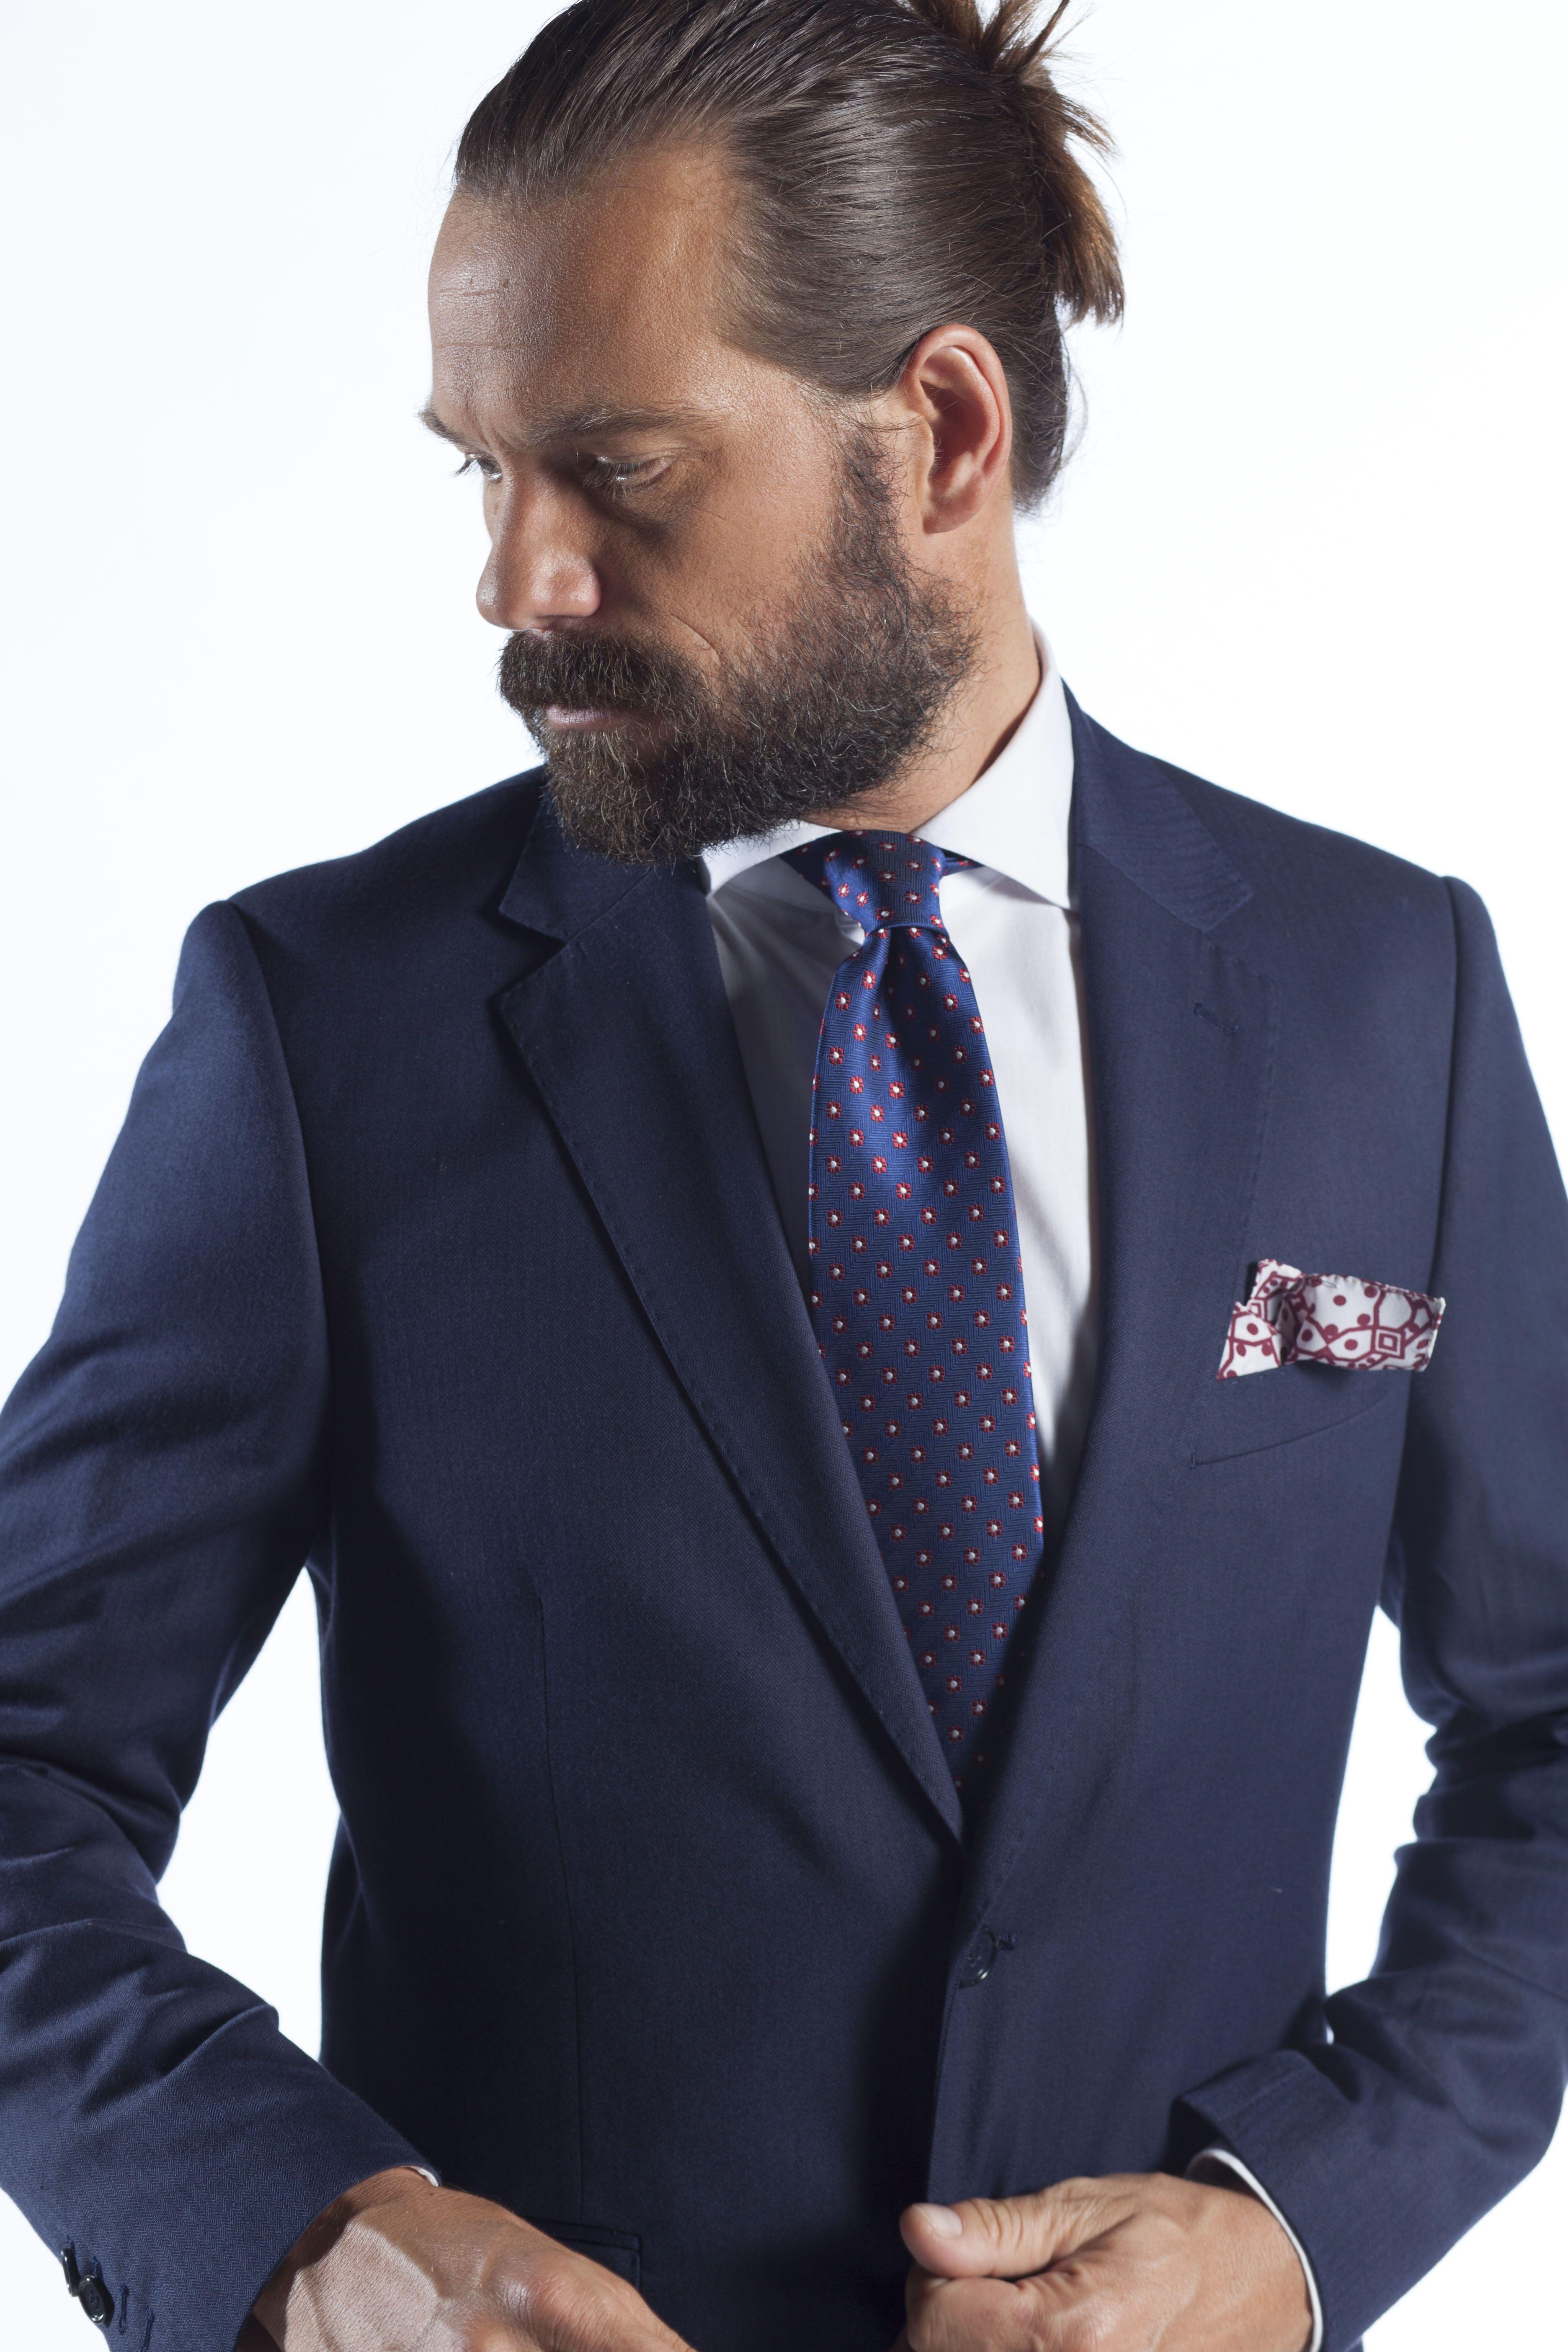 #suits #man #moda #fashion #abiti #abbigliamento #uomo